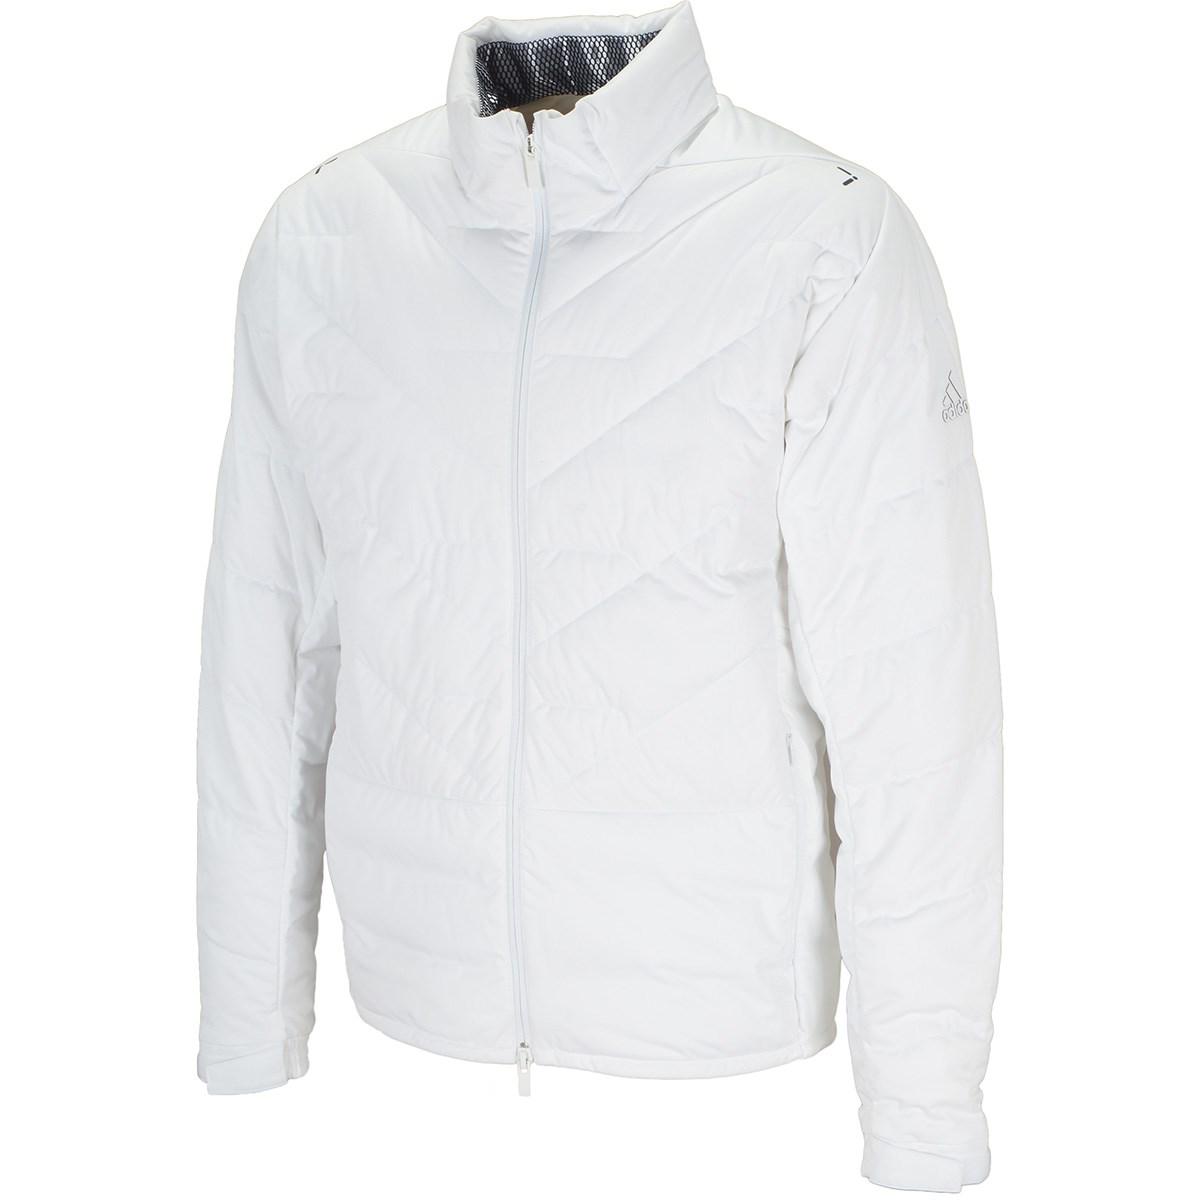 アディダス Adidas ストレッチ パフォーマンス ダウン フルジップ長袖ジャケット M ホワイト